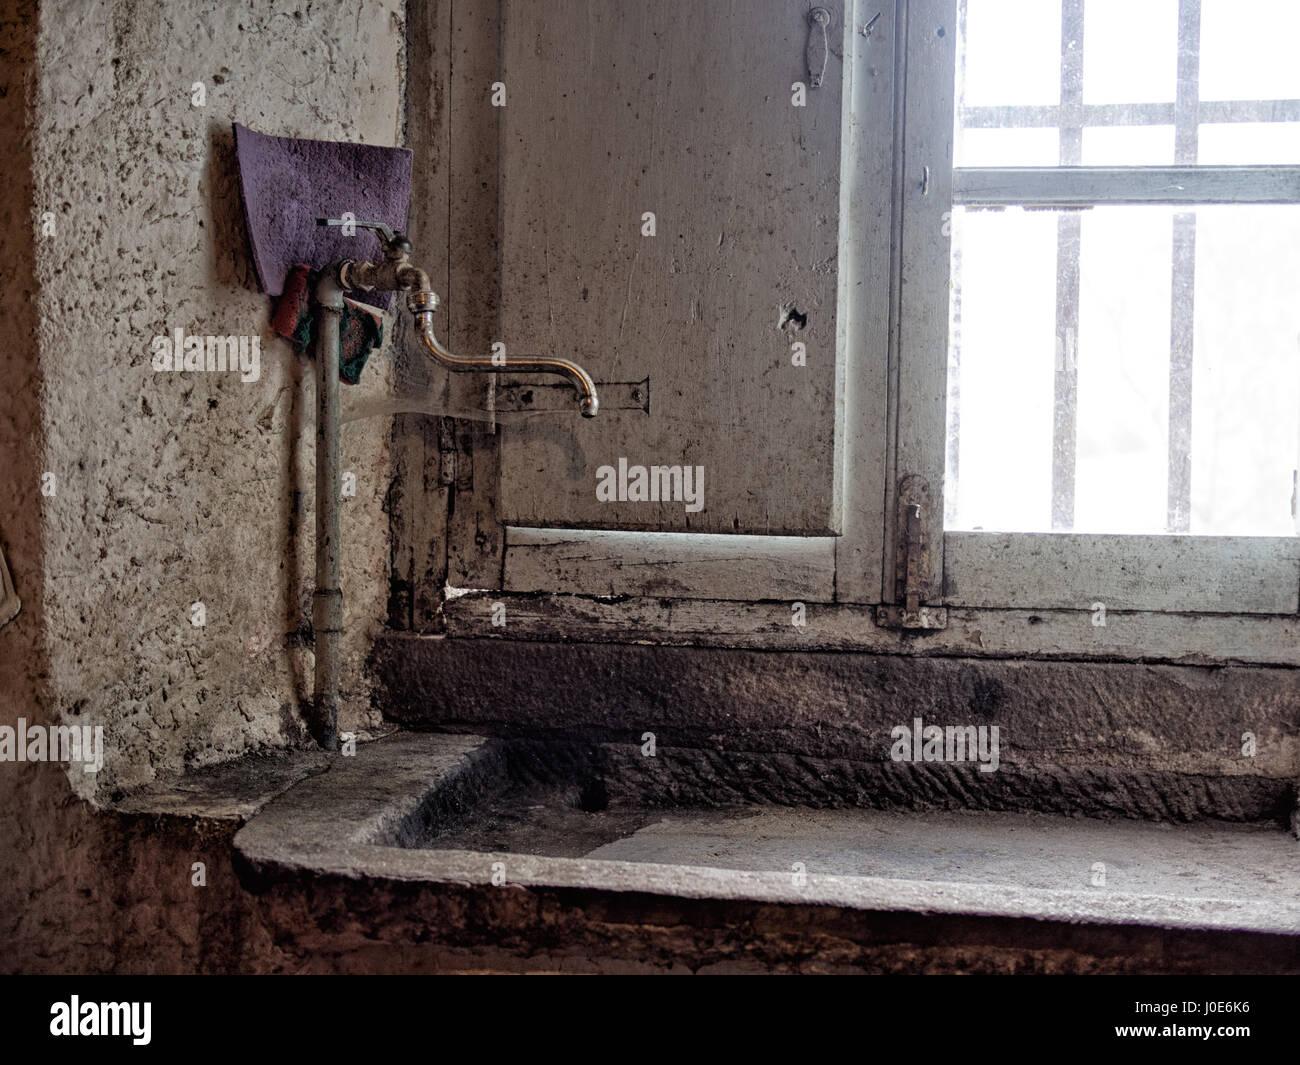 Waschbecken Aus Stein Stockfotos Und Bilder Kaufen Alamy